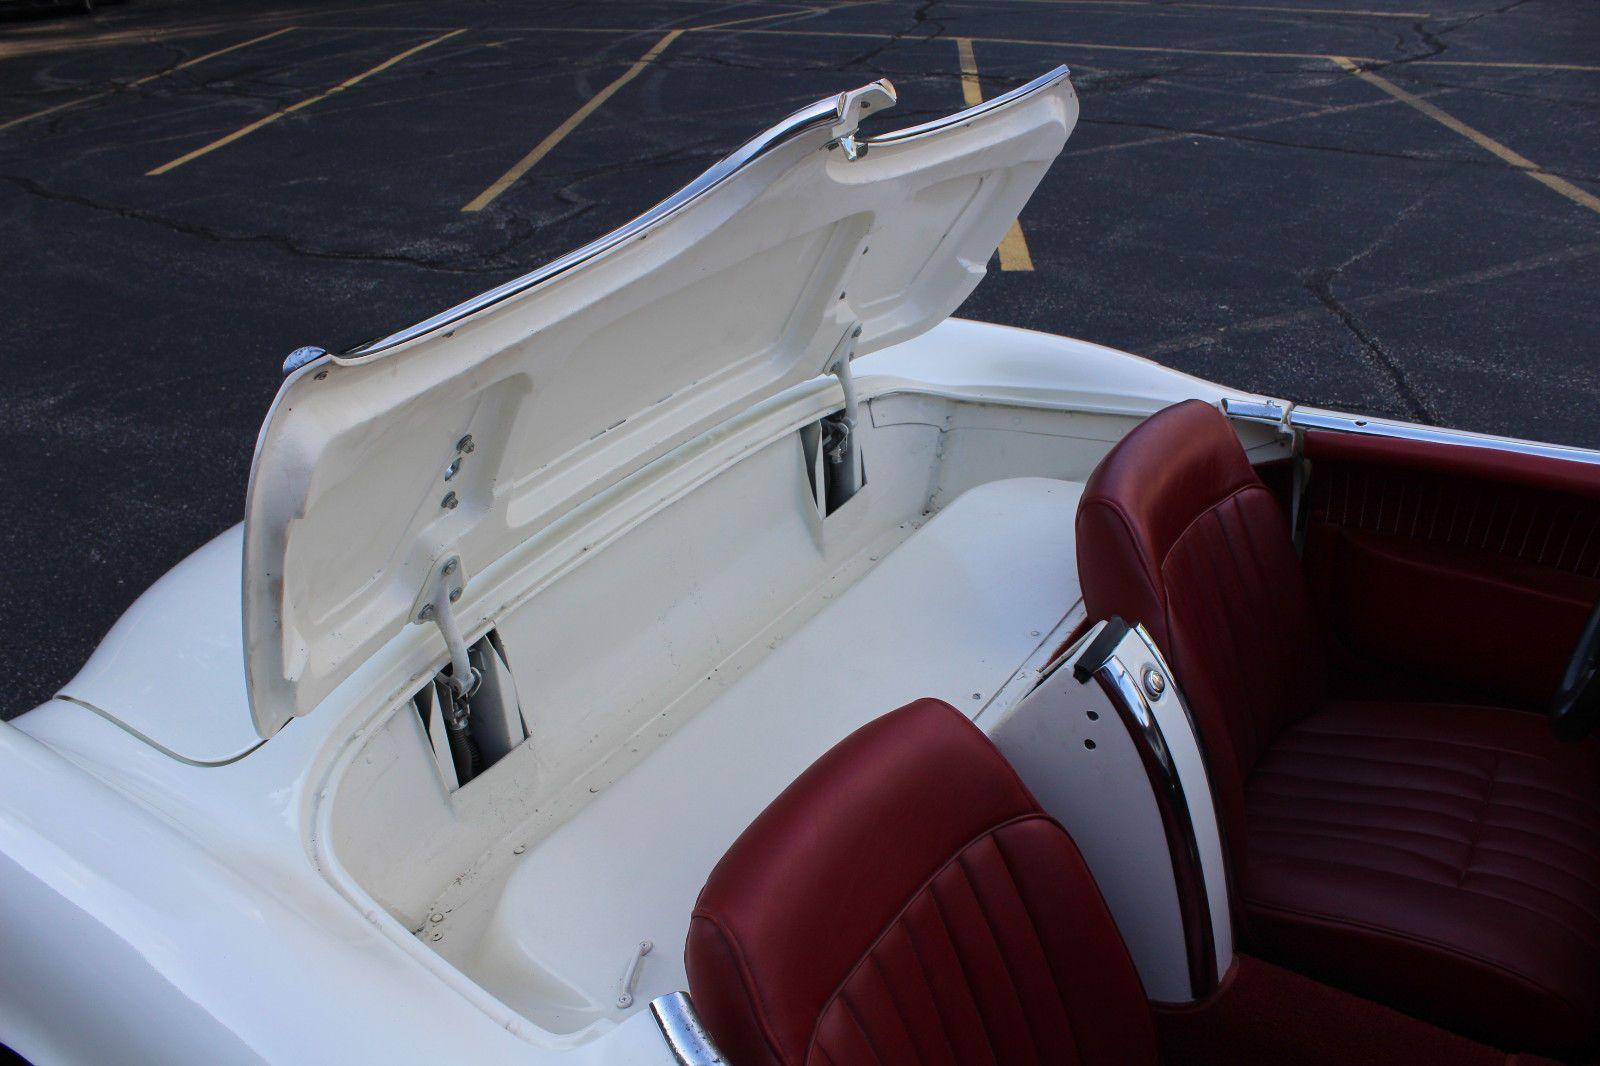 1954 Chevrolet Corvette Convertible In 2020 Chevrolet Corvette Corvette Convertible Corvette